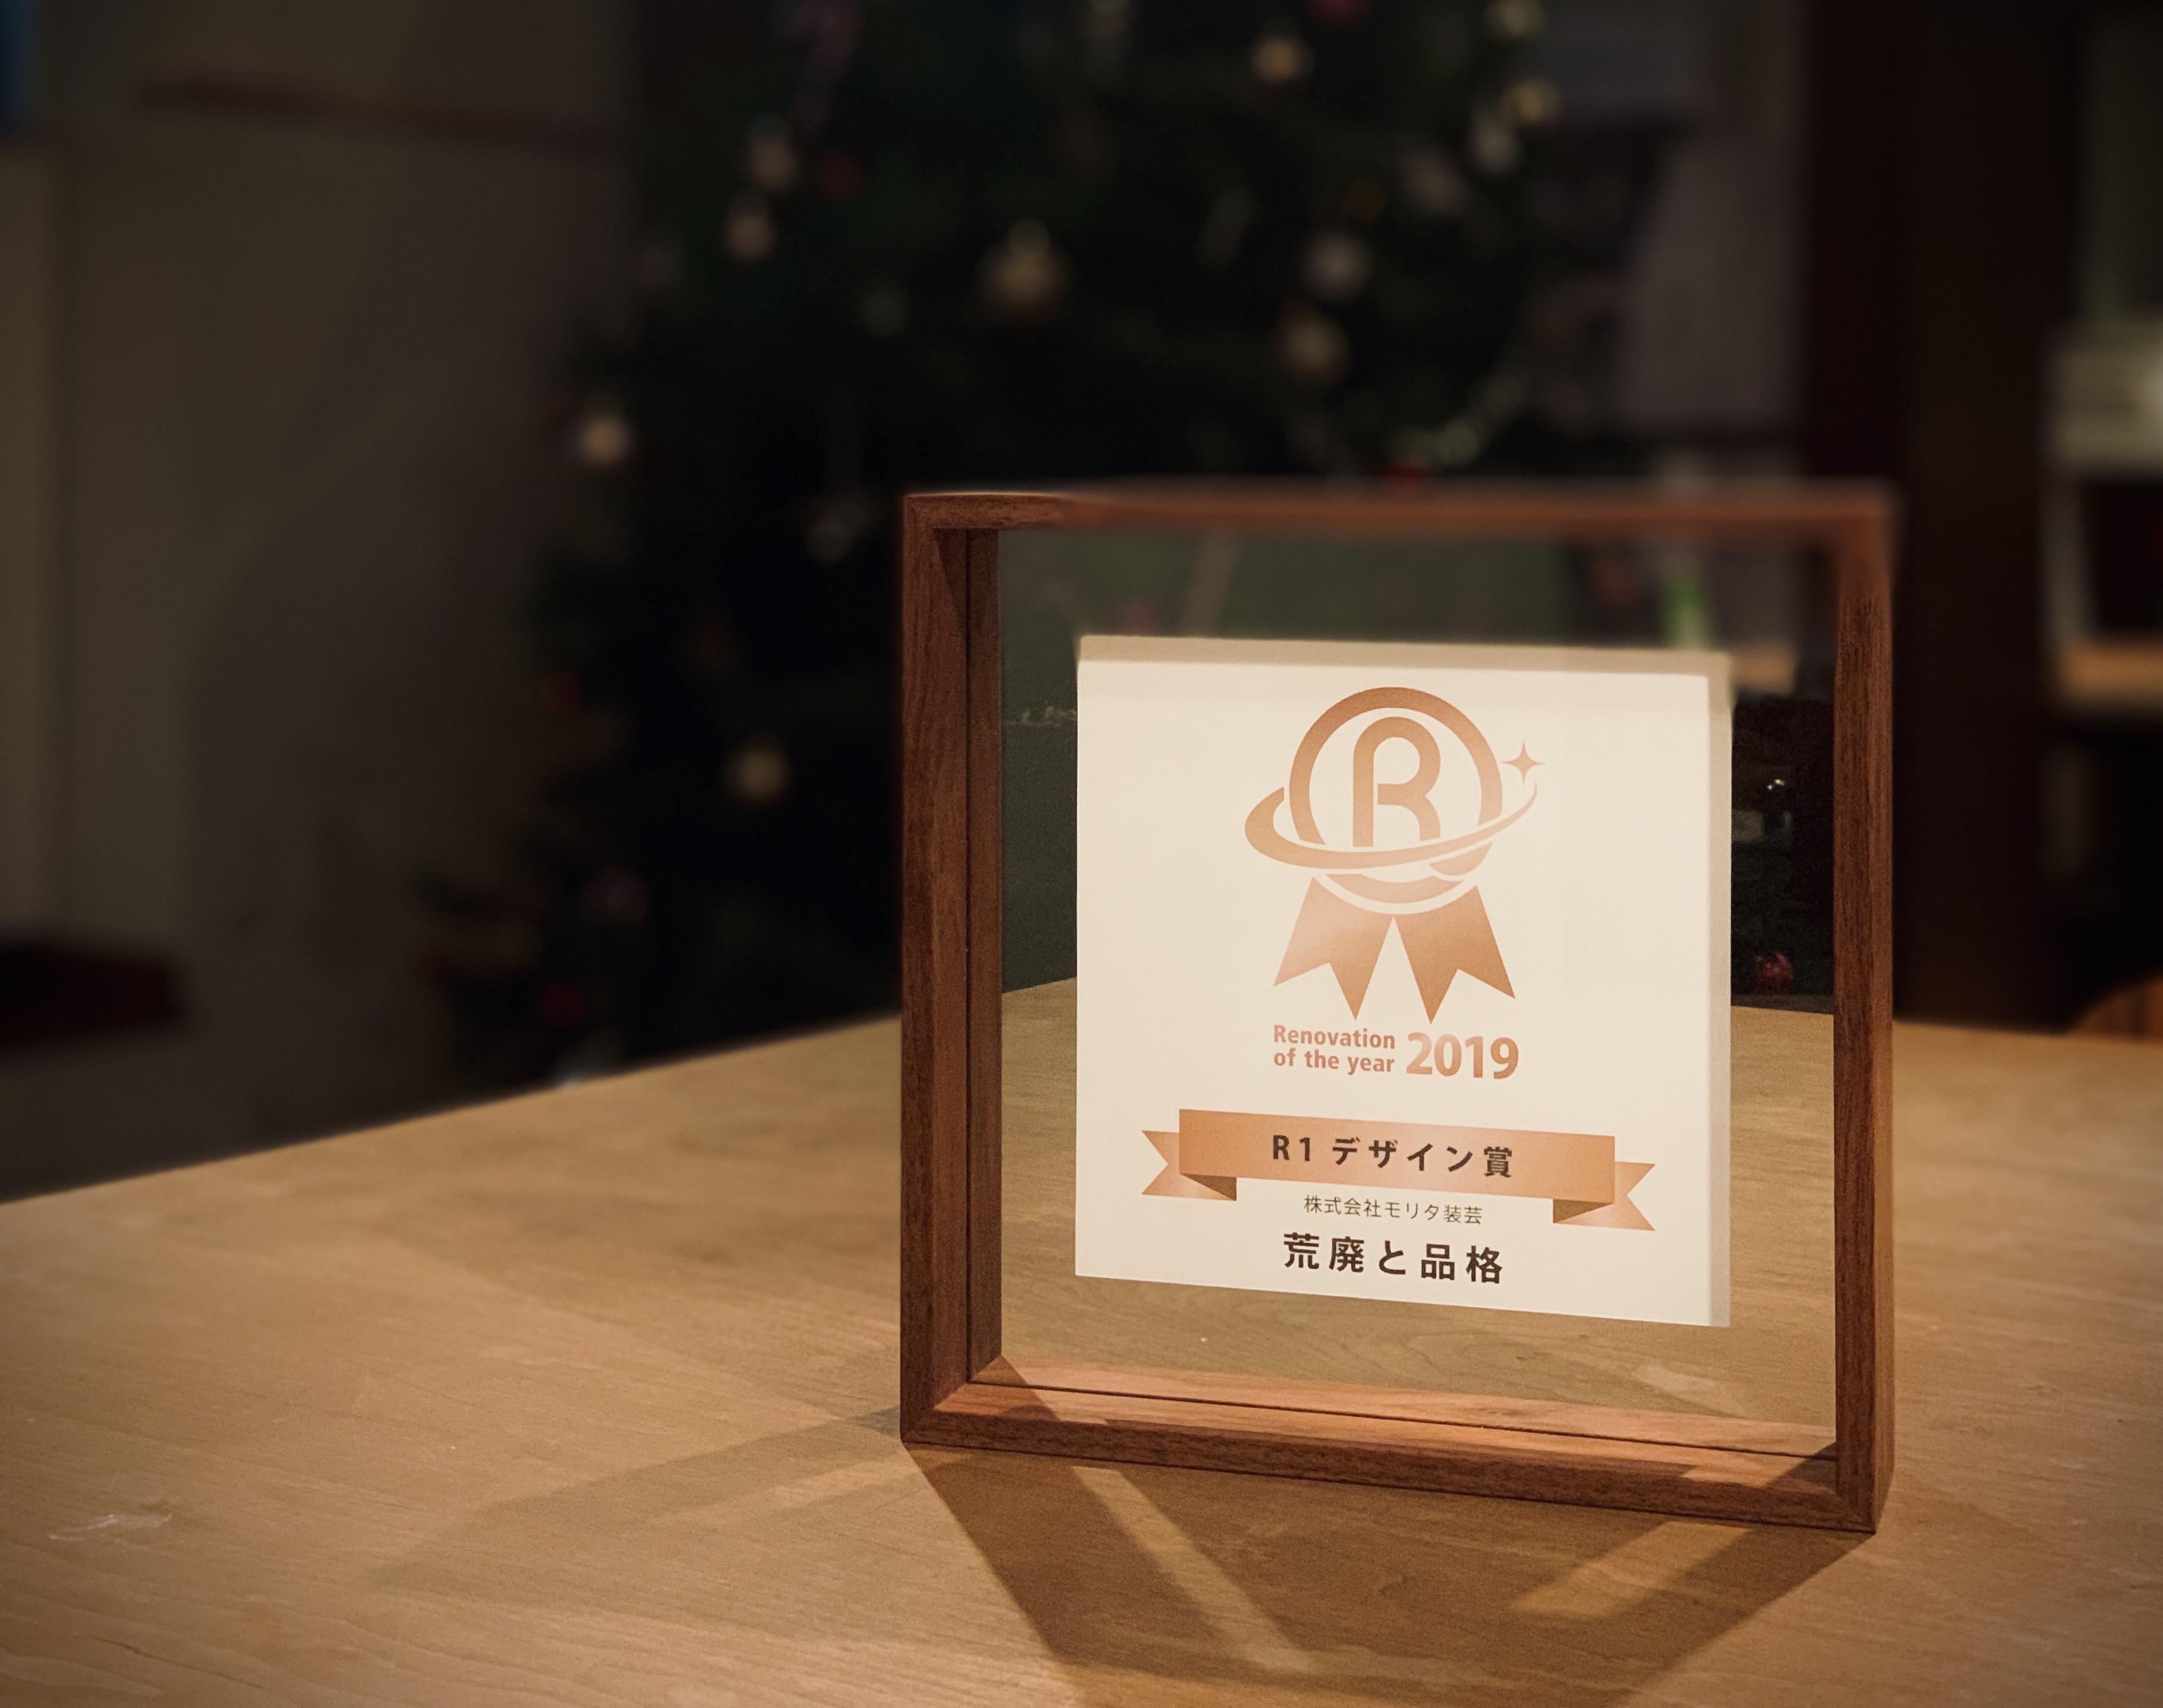 リノベーションオブザイヤー2019審査員特別賞 受賞!